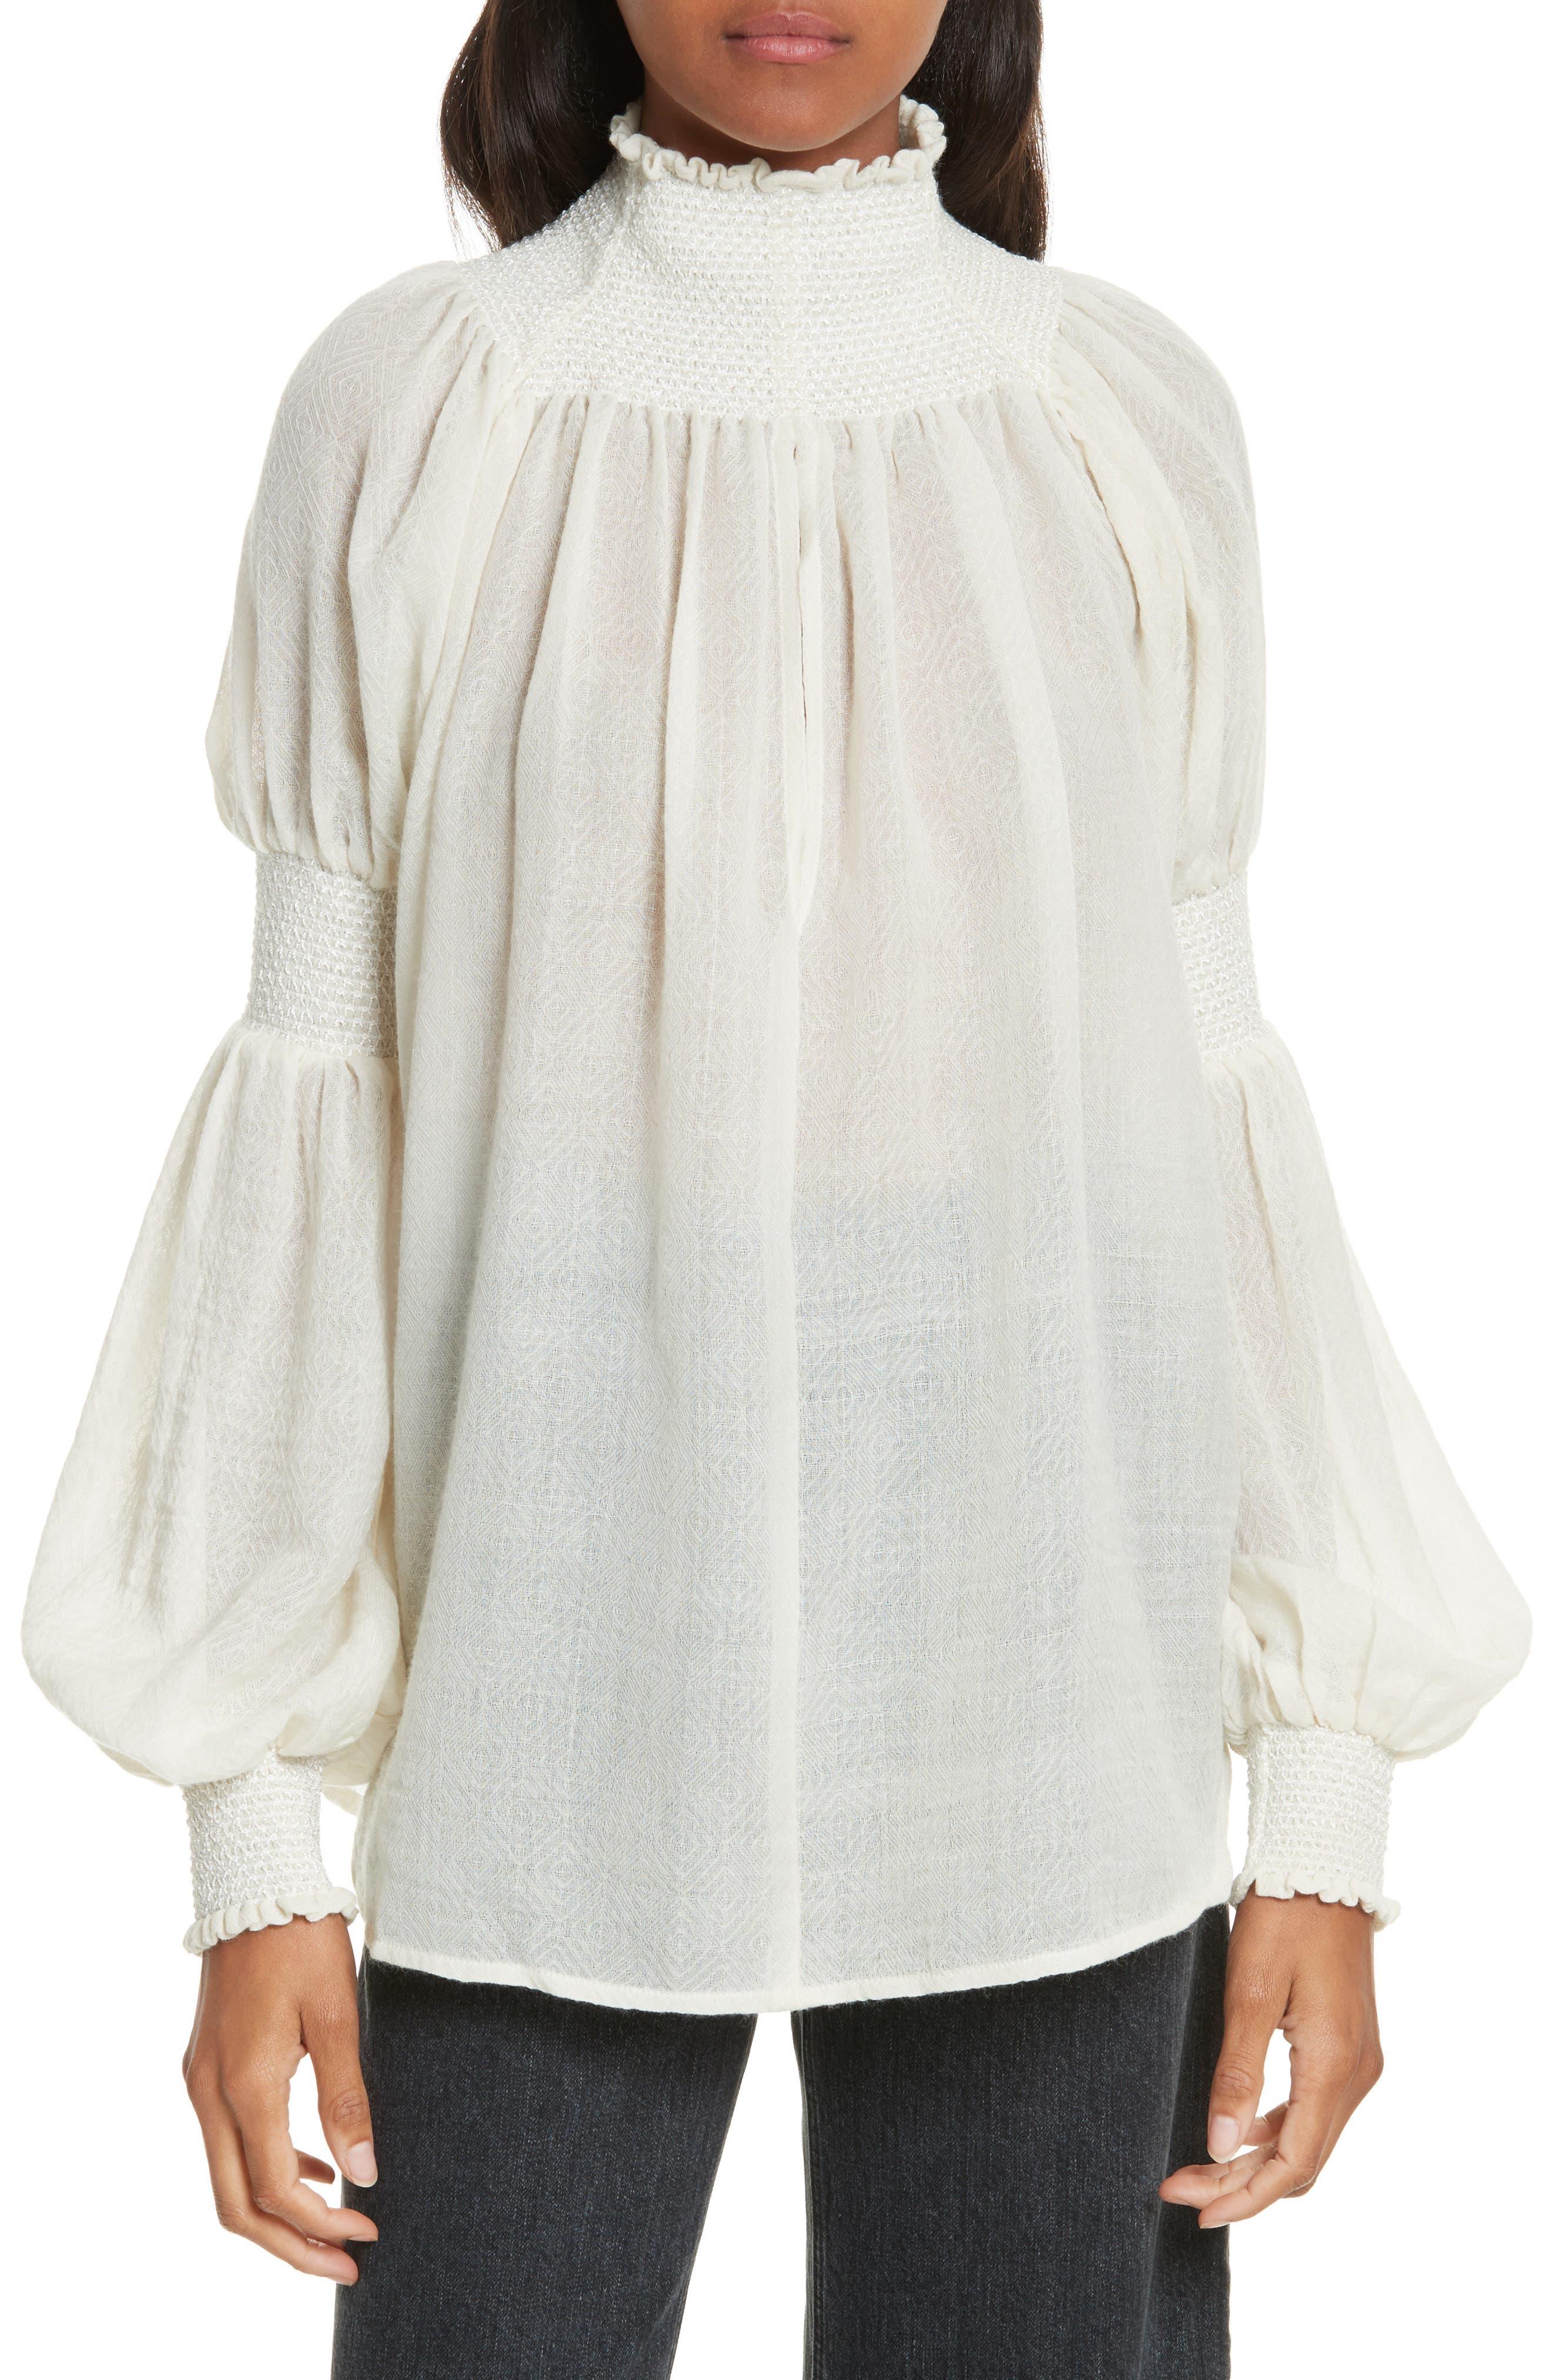 Main Image - Rachel Comey Renew Wool Top